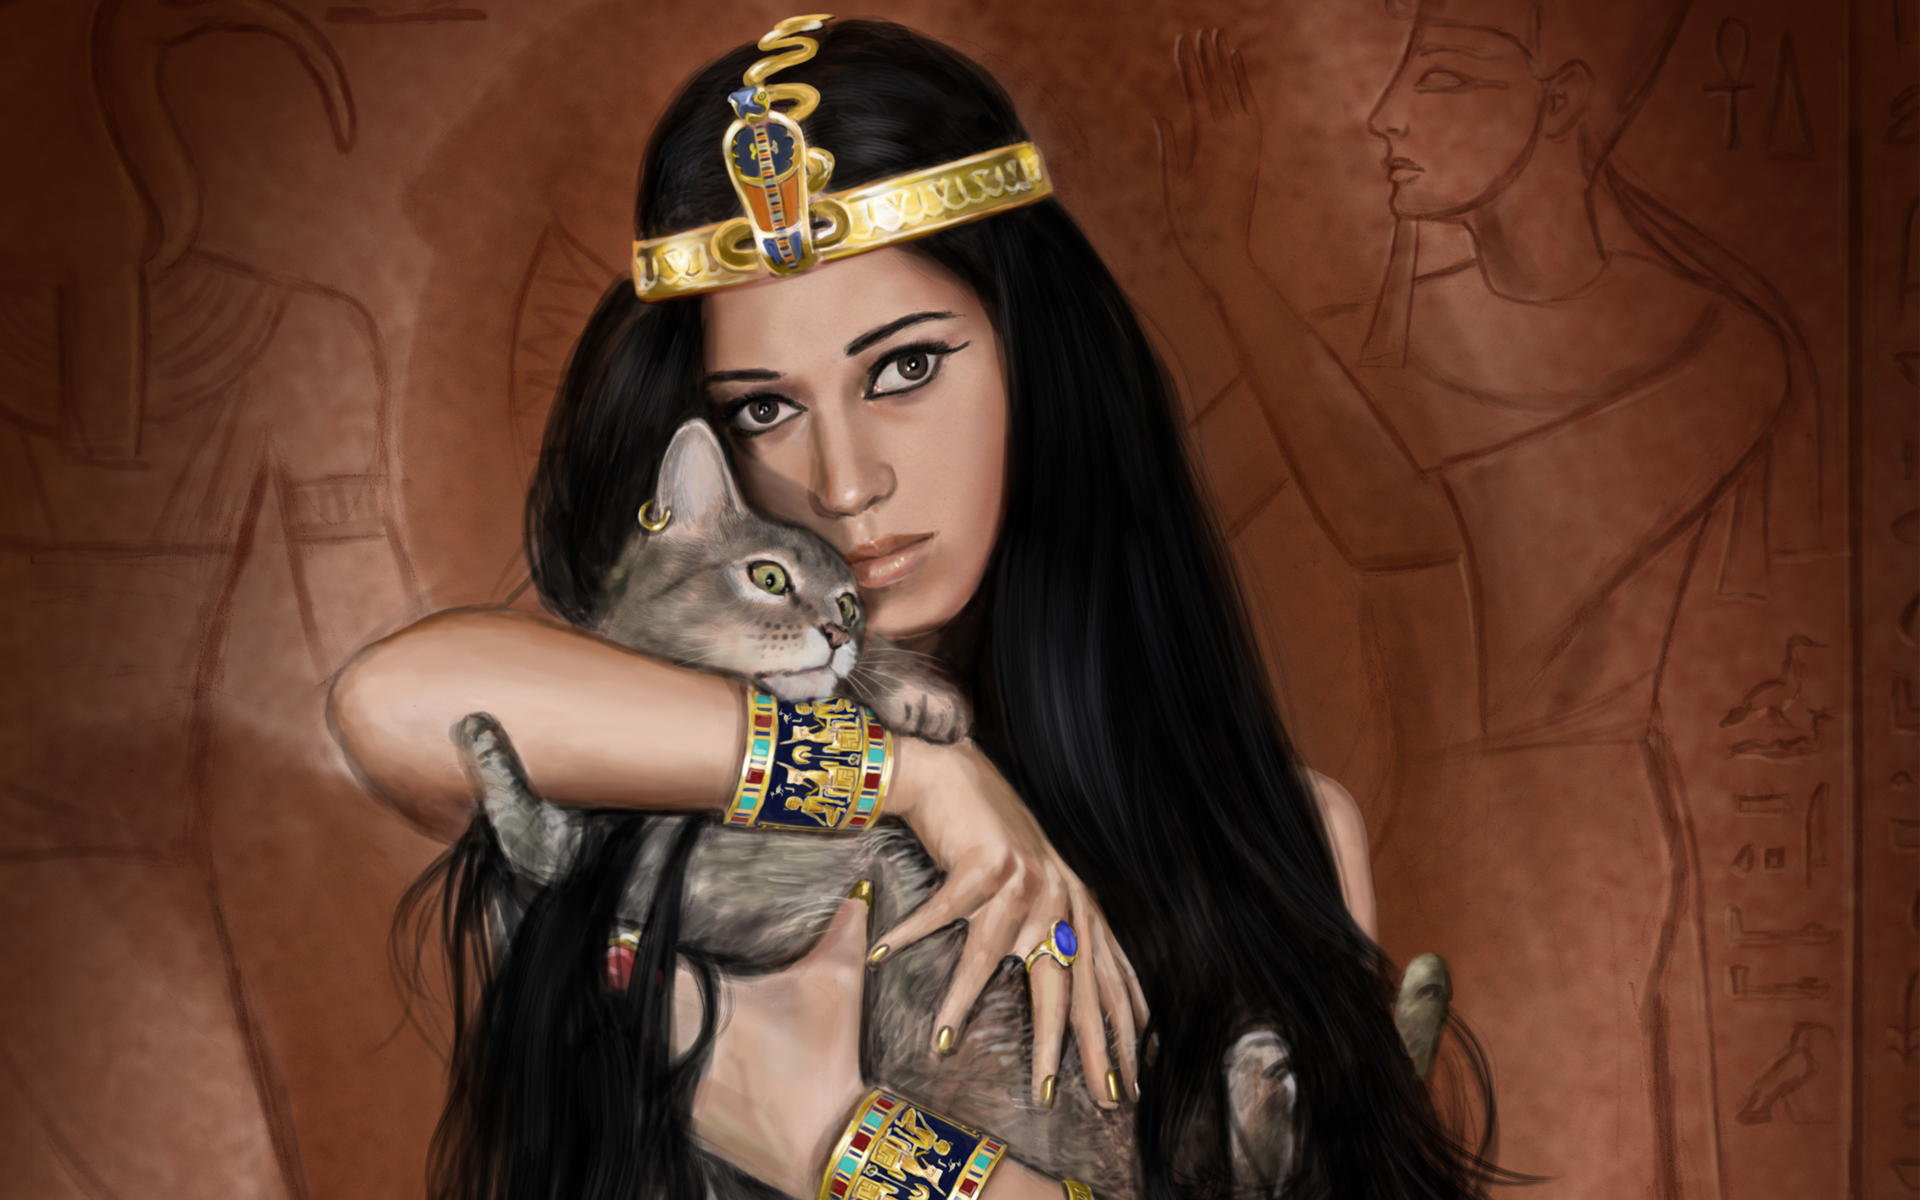 За секс с египтянкой грозит